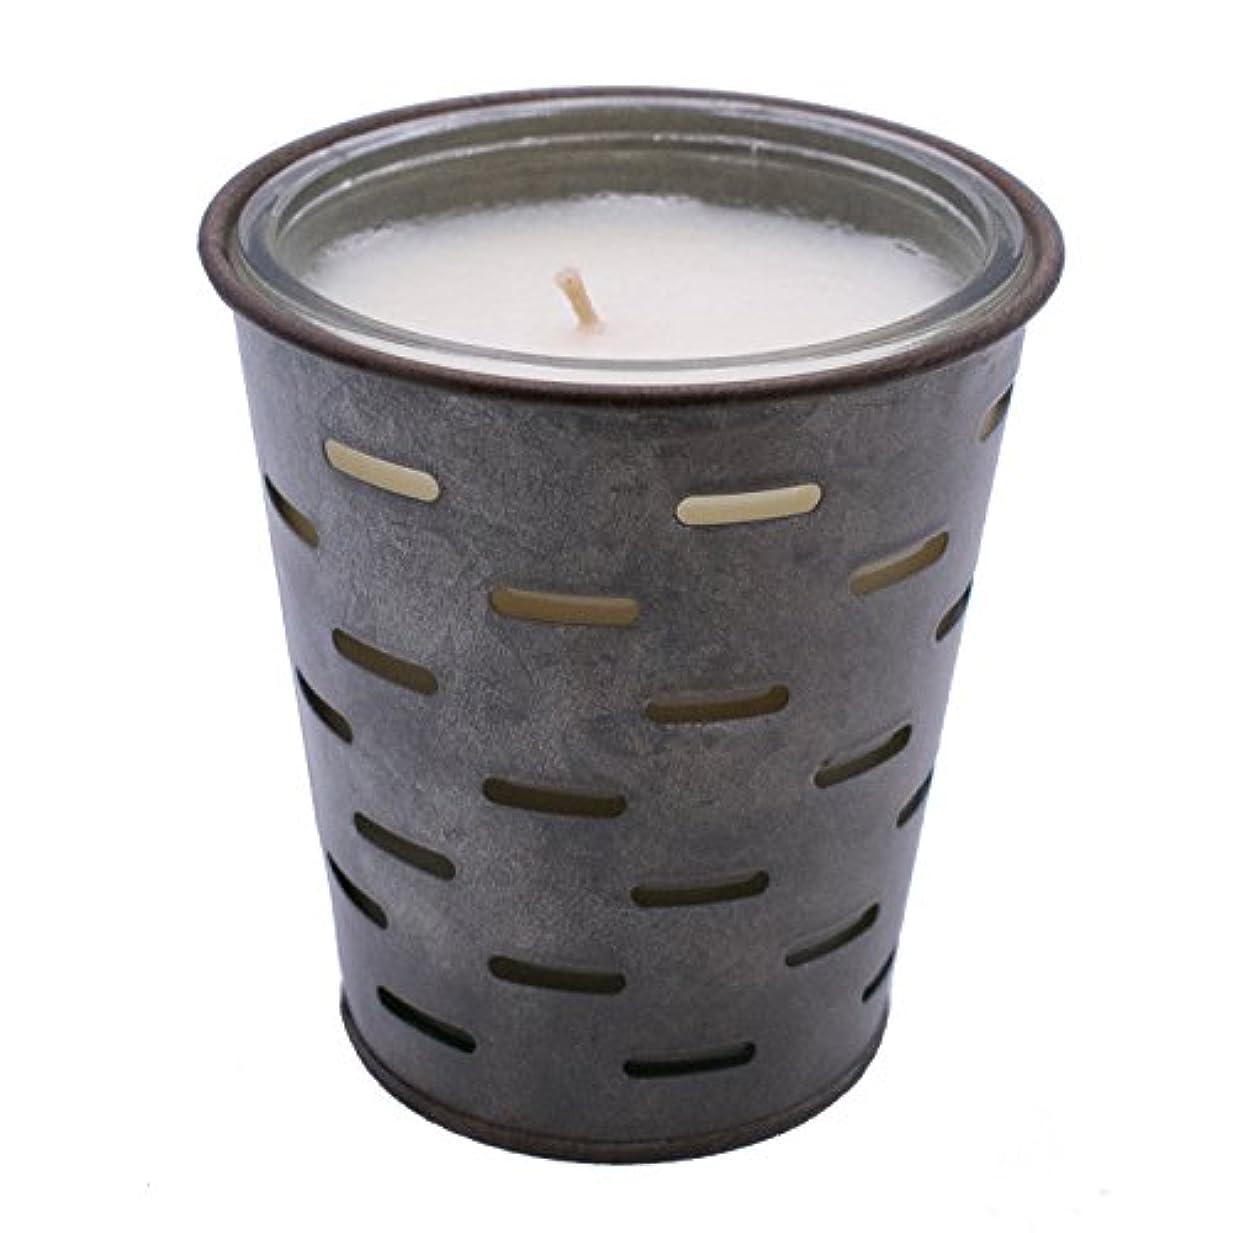 小麦粉ハントやりがいのあるSweetオリーブ、オリーブバケットFragrance Candle優れ、香り、ガラスJar in Tin Pot亜鉛メッキ、13oz